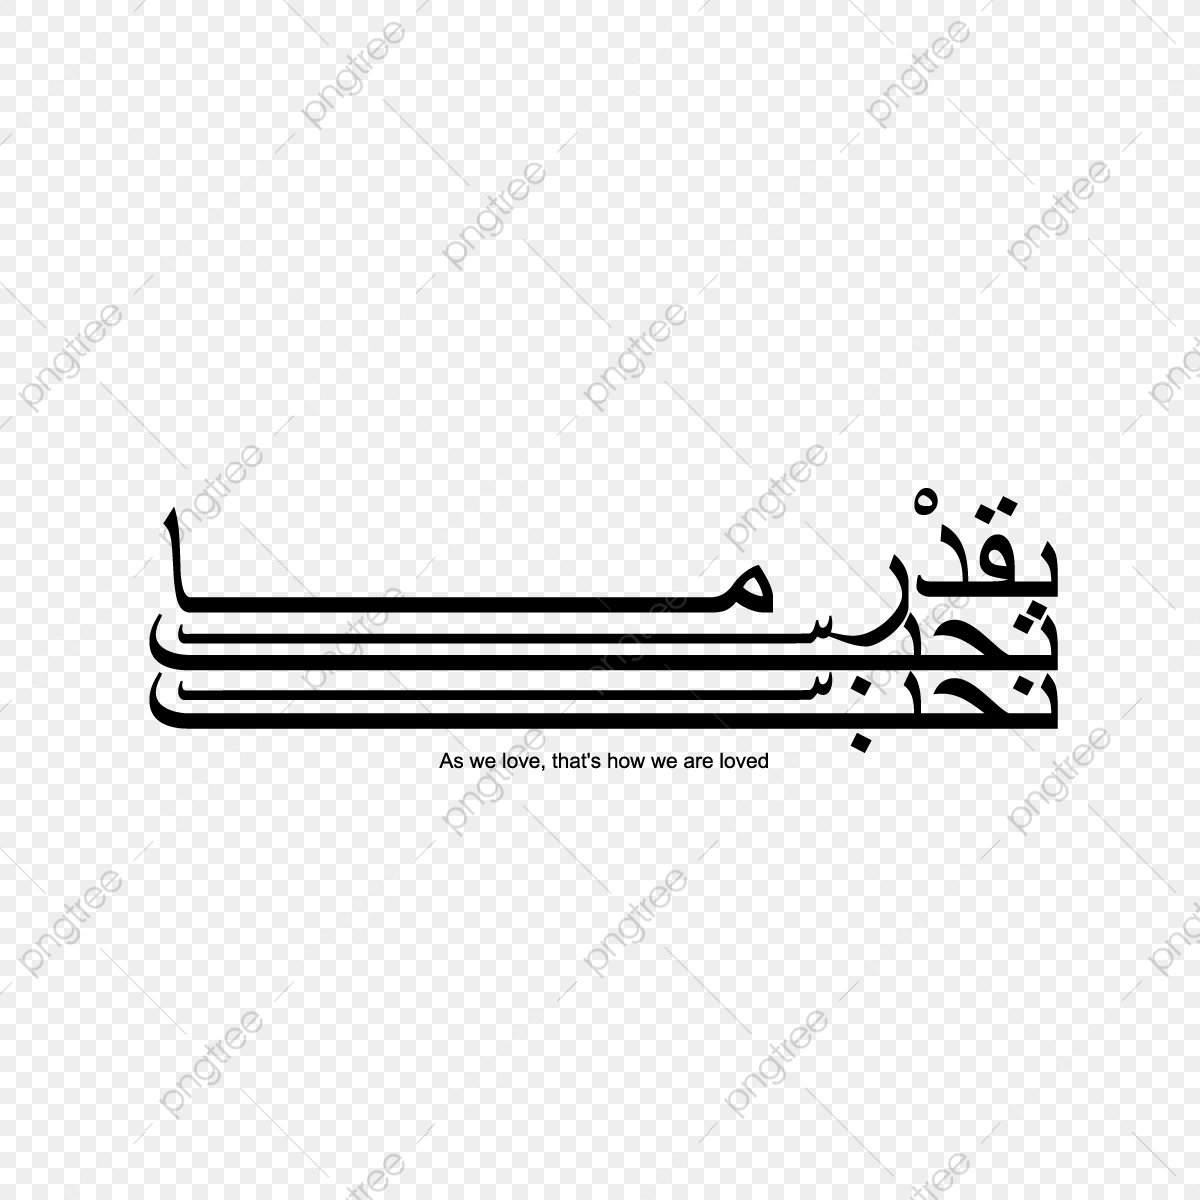 Arabic Calligraphy, Font, Allah, Arabian PNG Transparent